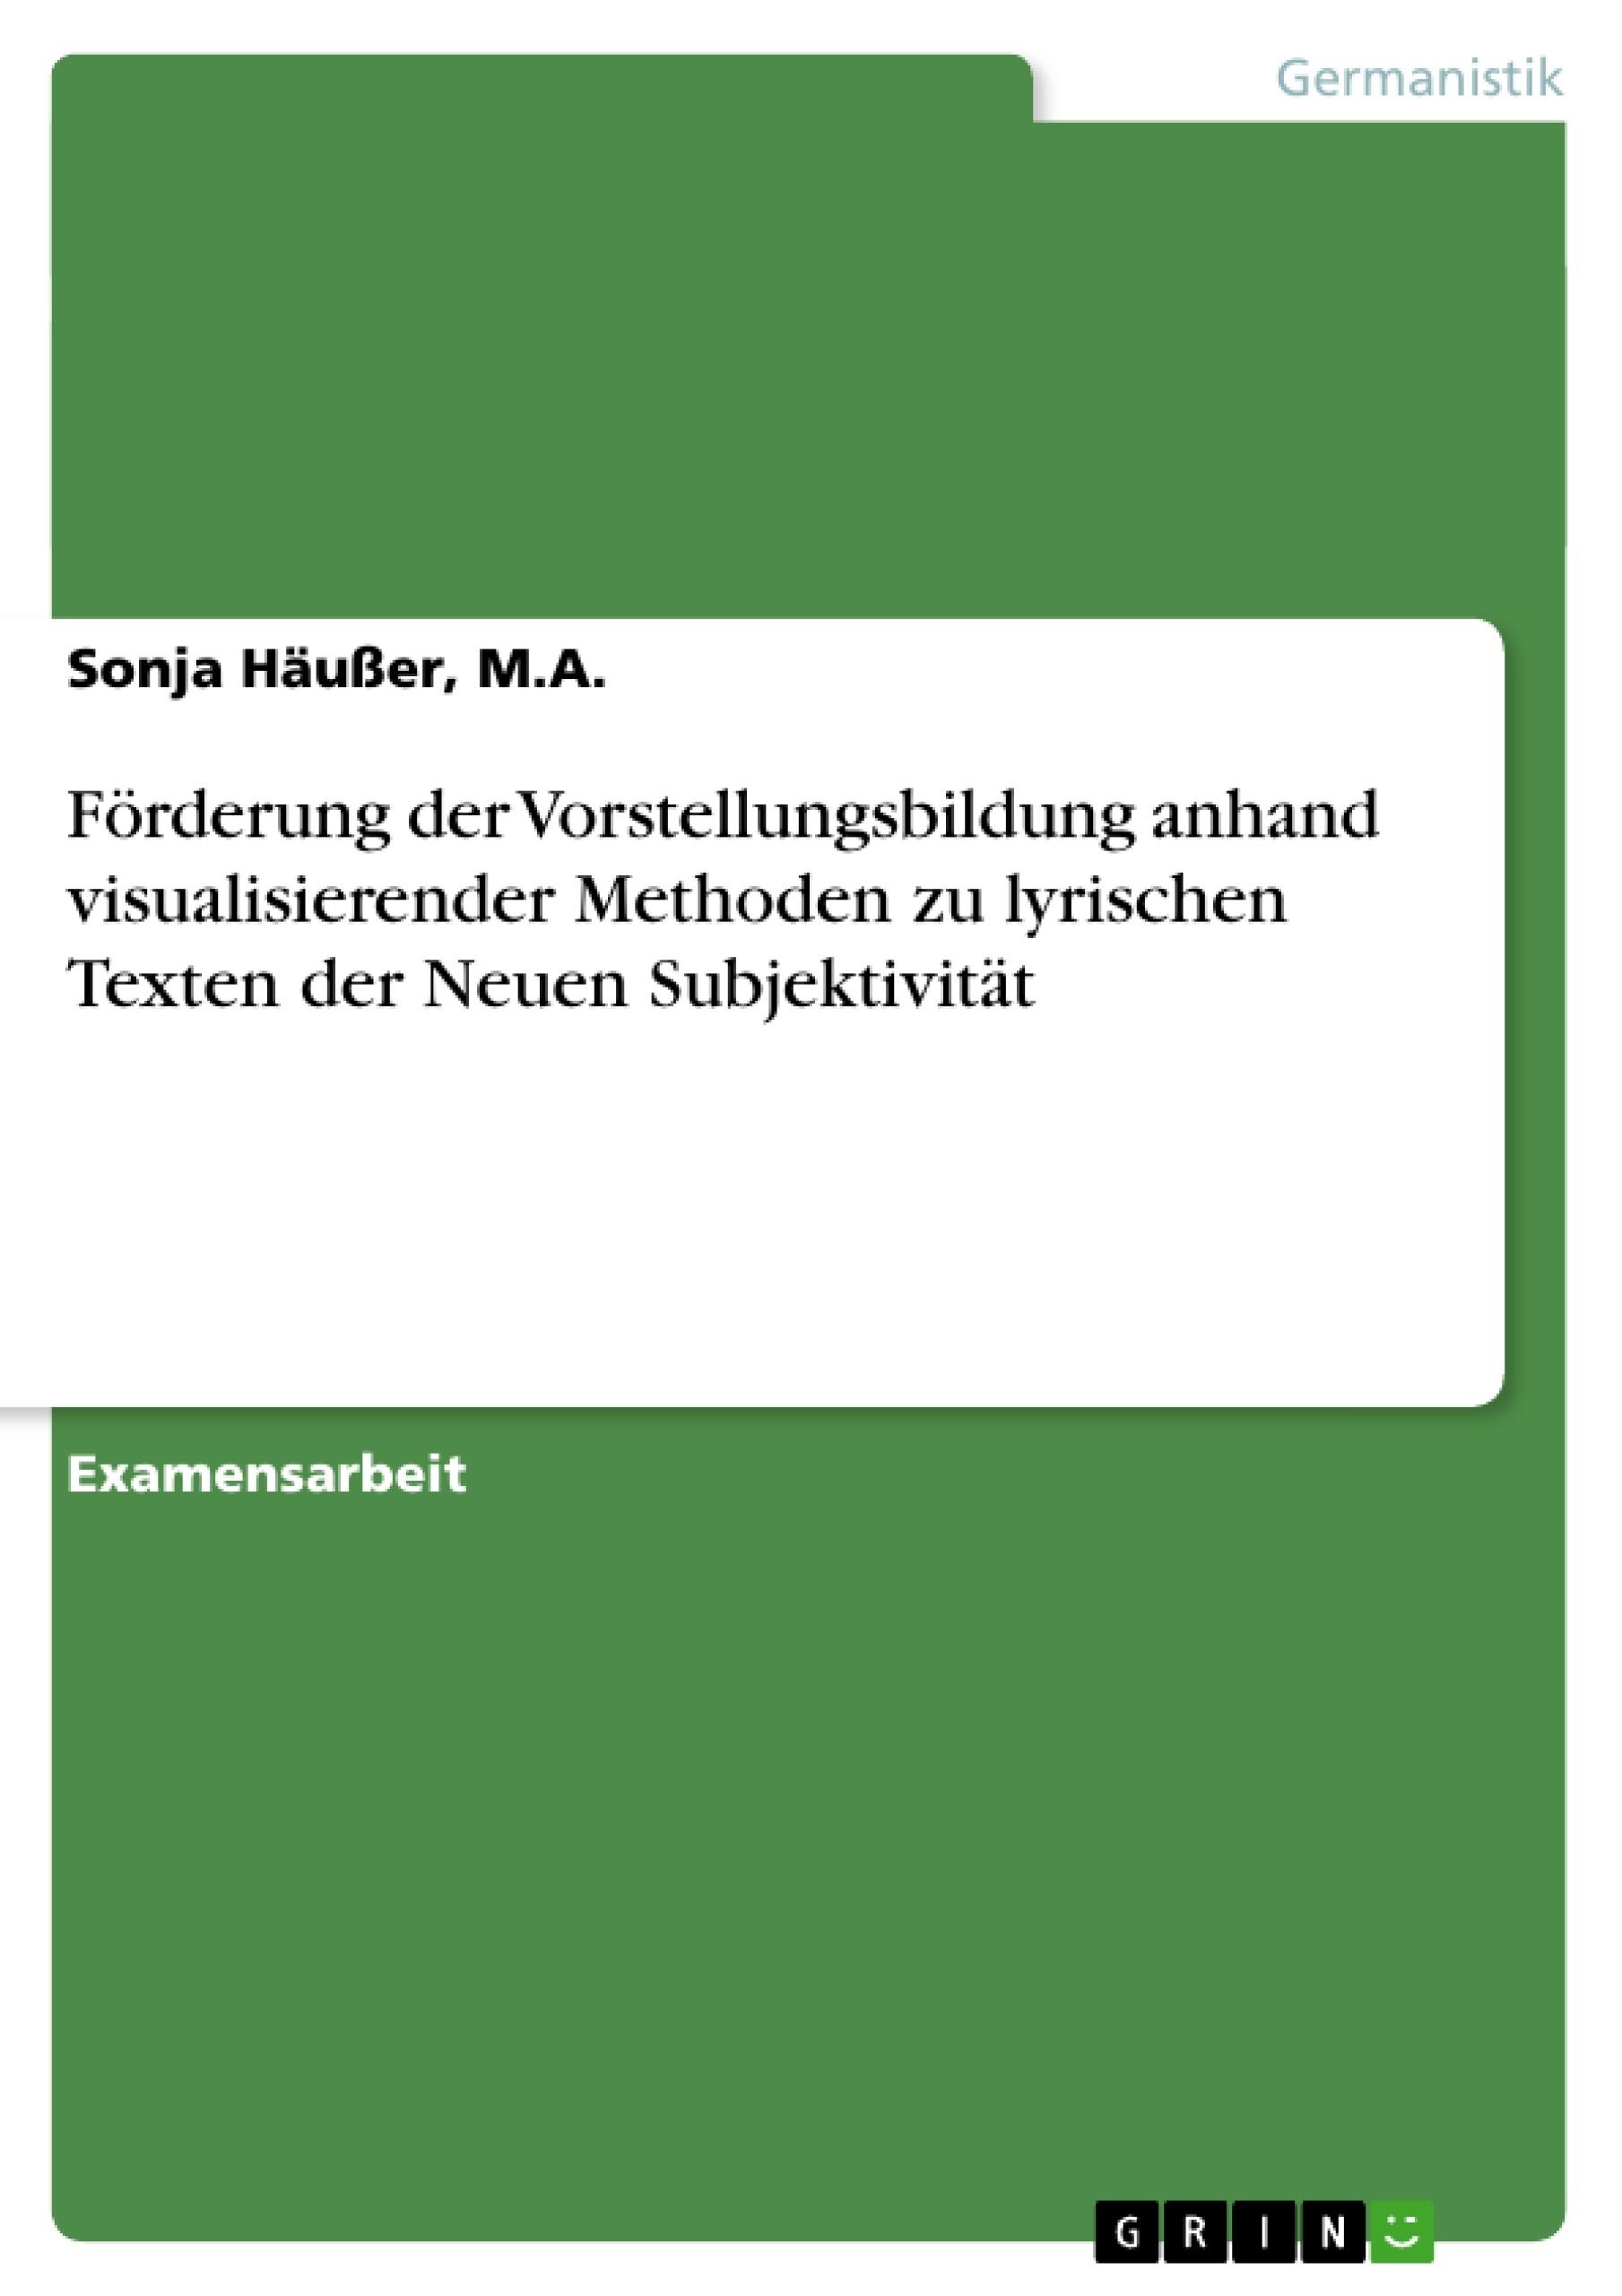 Titel: Förderung der Vorstellungsbildung anhand visualisierender Methoden zu lyrischen Texten der Neuen Subjektivität